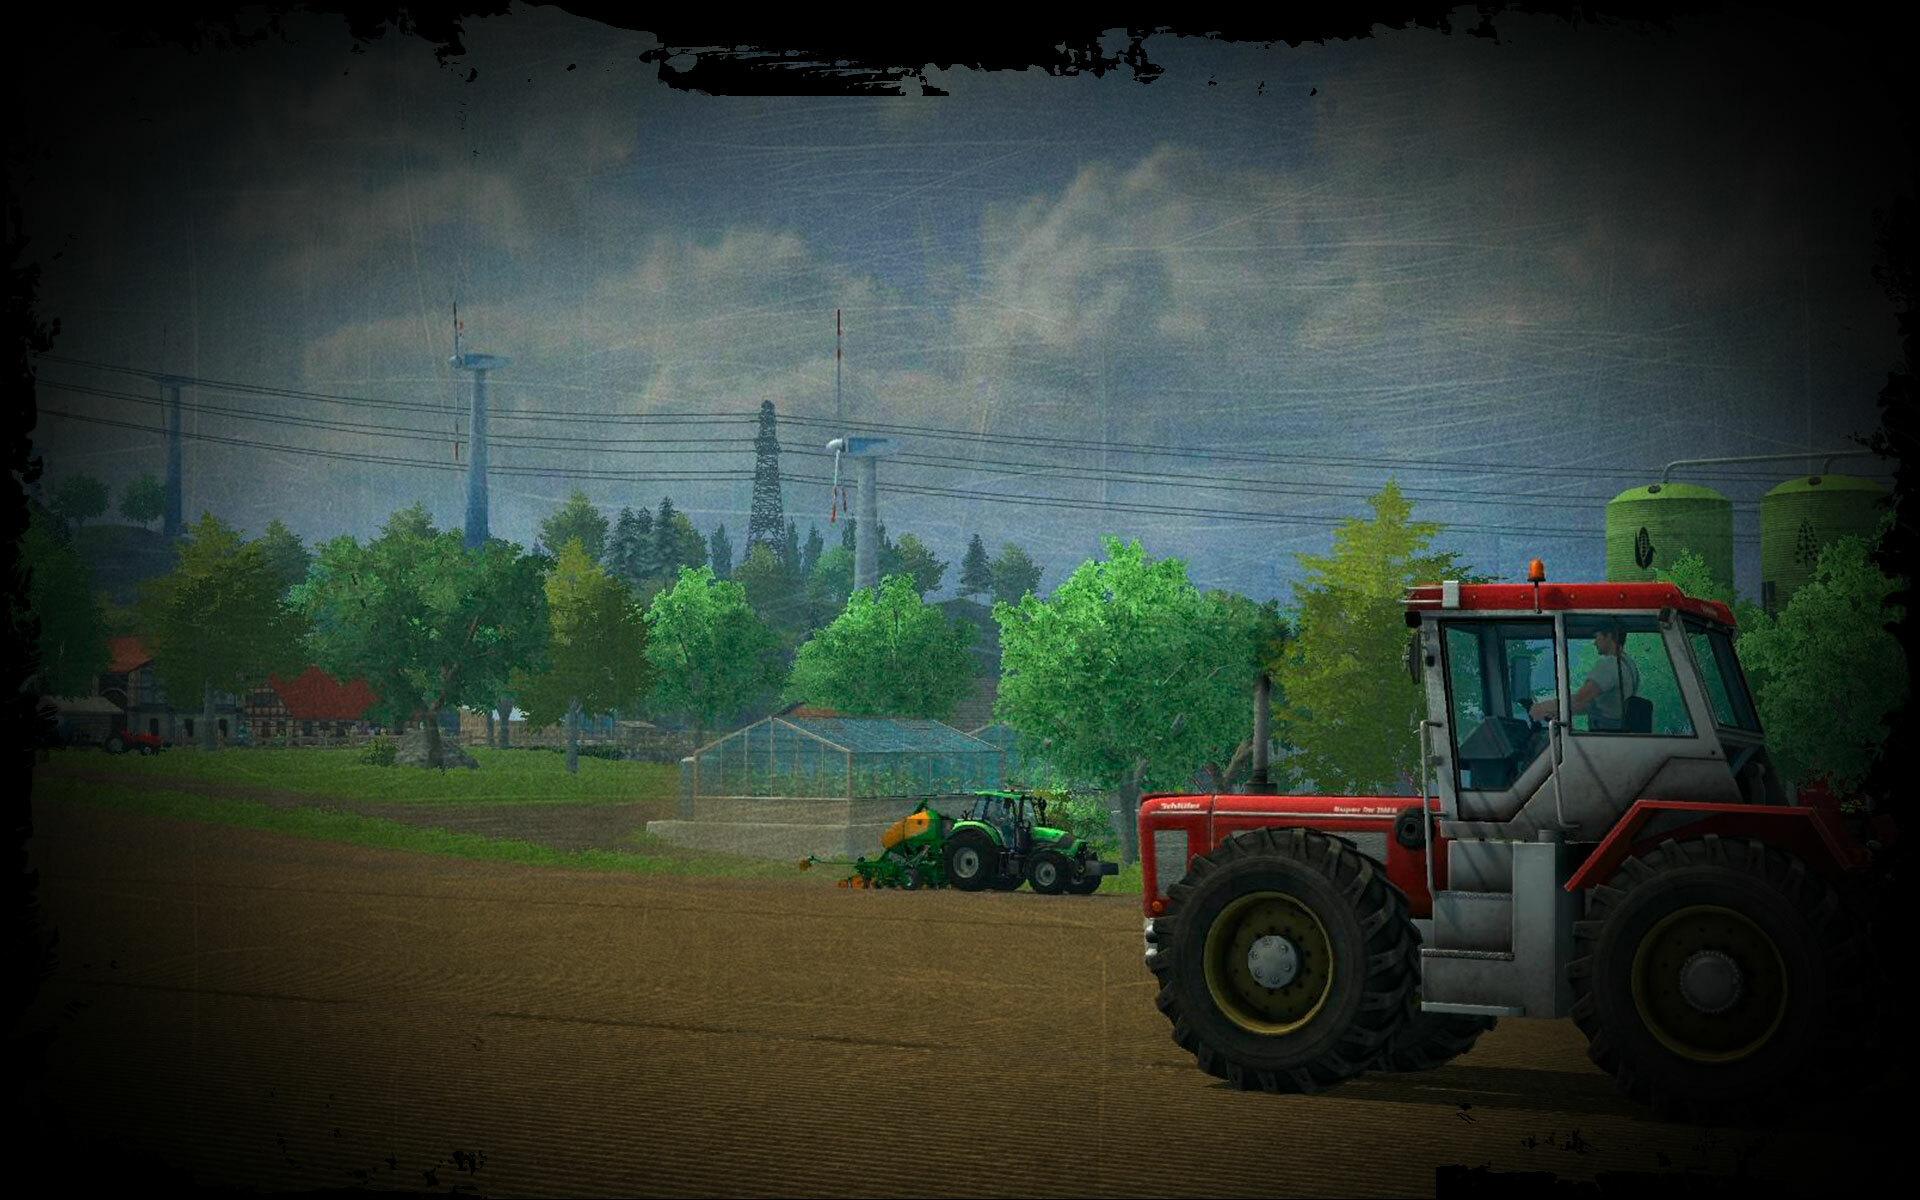 A modern farmer's life